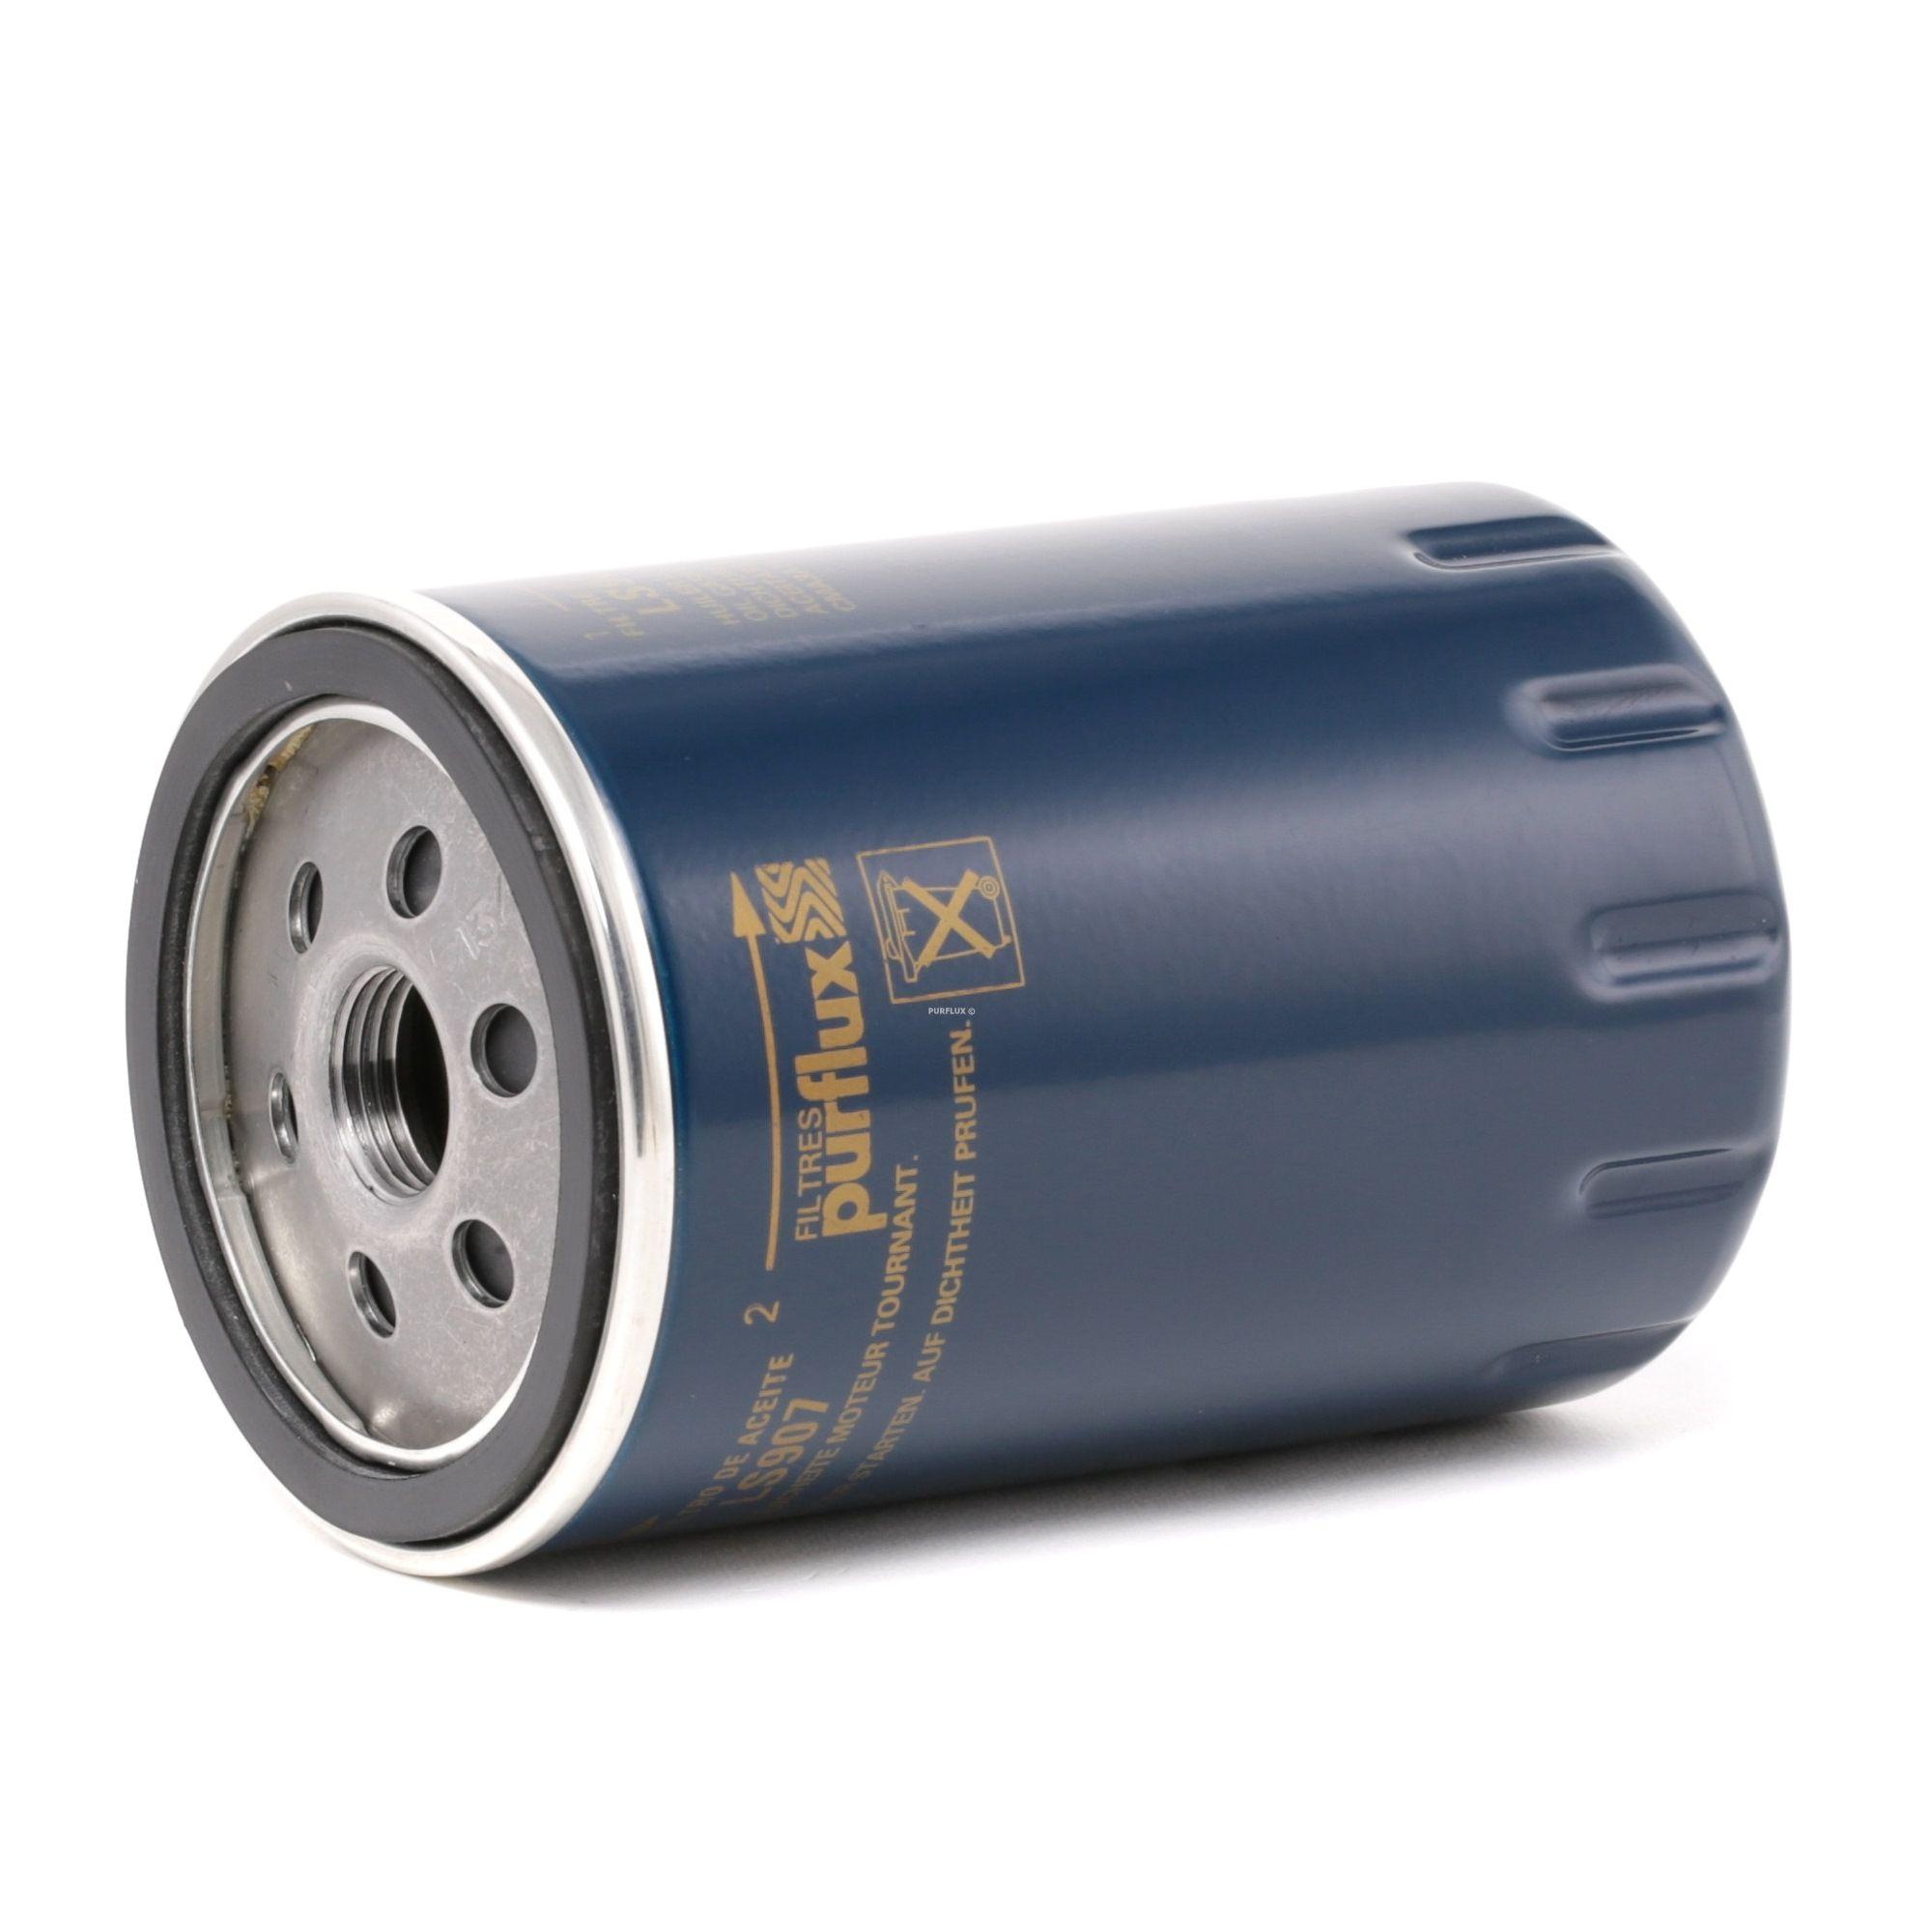 Маслен филтър LS907 за FORD PUMA на ниска цена — купете сега!